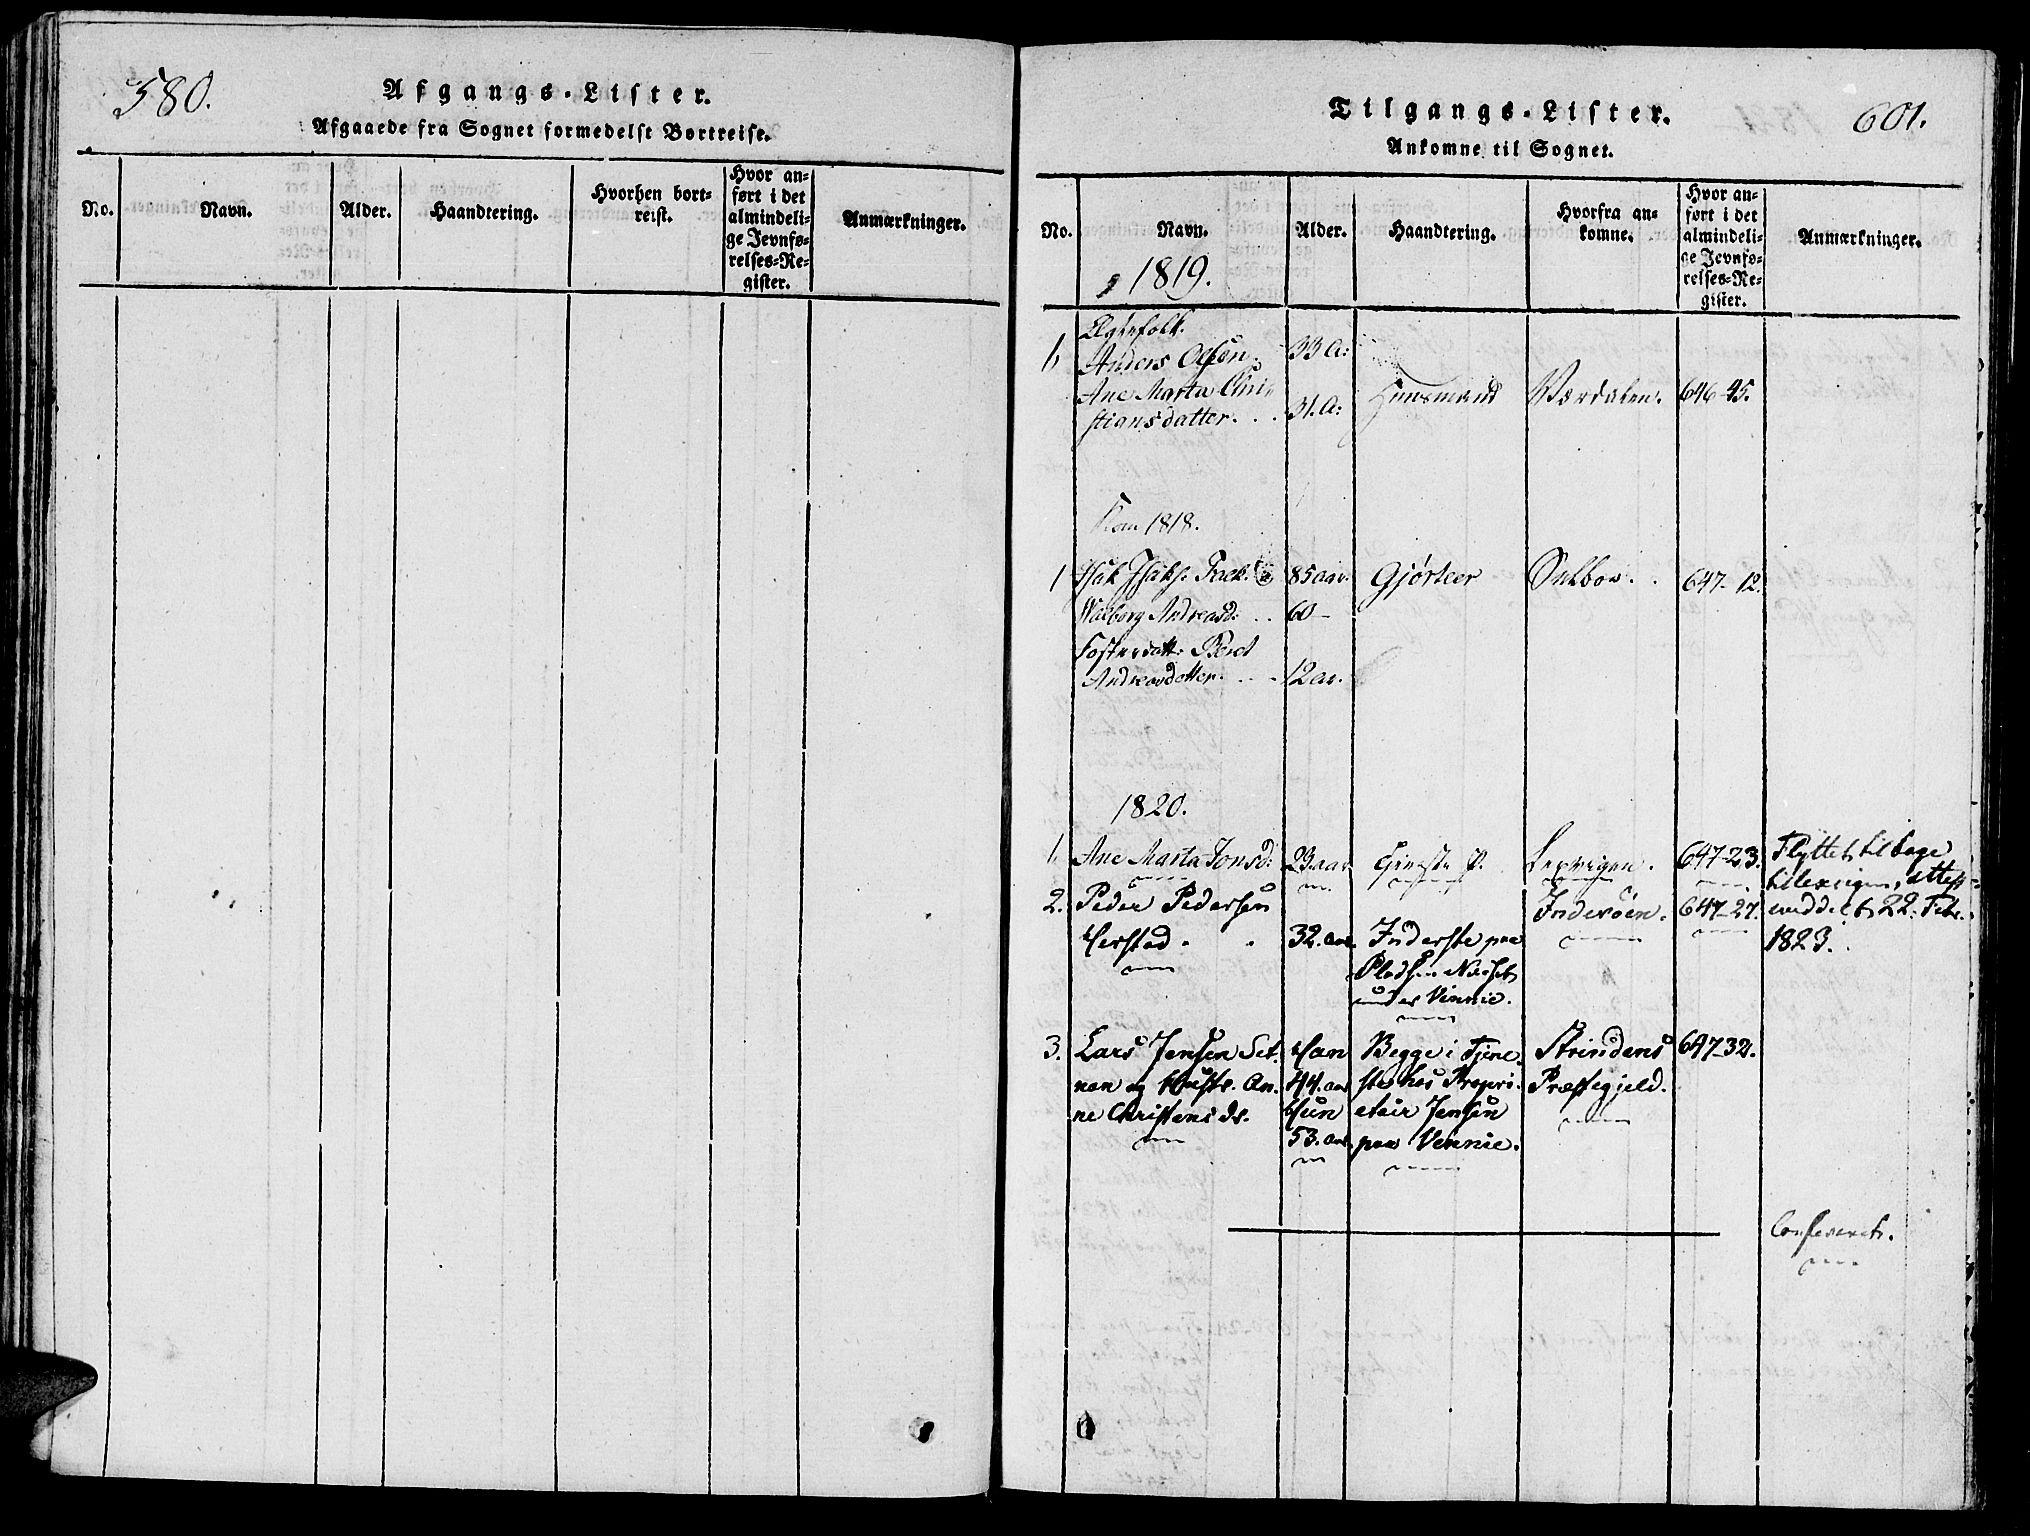 SAT, Ministerialprotokoller, klokkerbøker og fødselsregistre - Nord-Trøndelag, 733/L0322: Parish register (official) no. 733A01, 1817-1842, p. 580-601